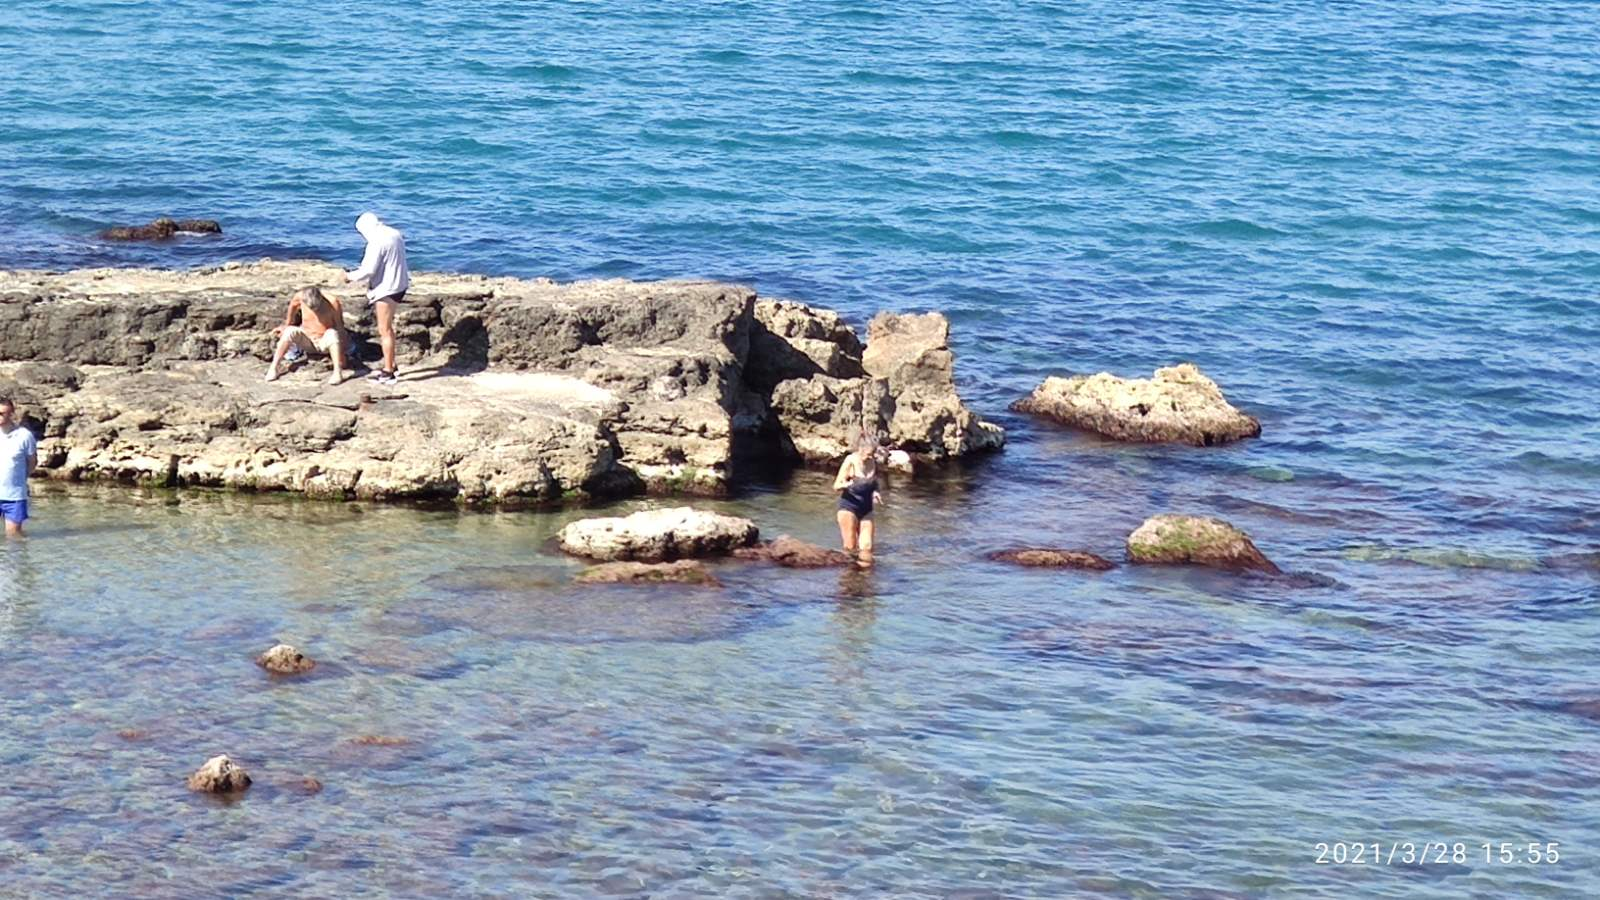 Κρήτη: Η άνοδος της θερμοκρασίας έφερε περισσότερες βουτιές στις παραλίες (pics)